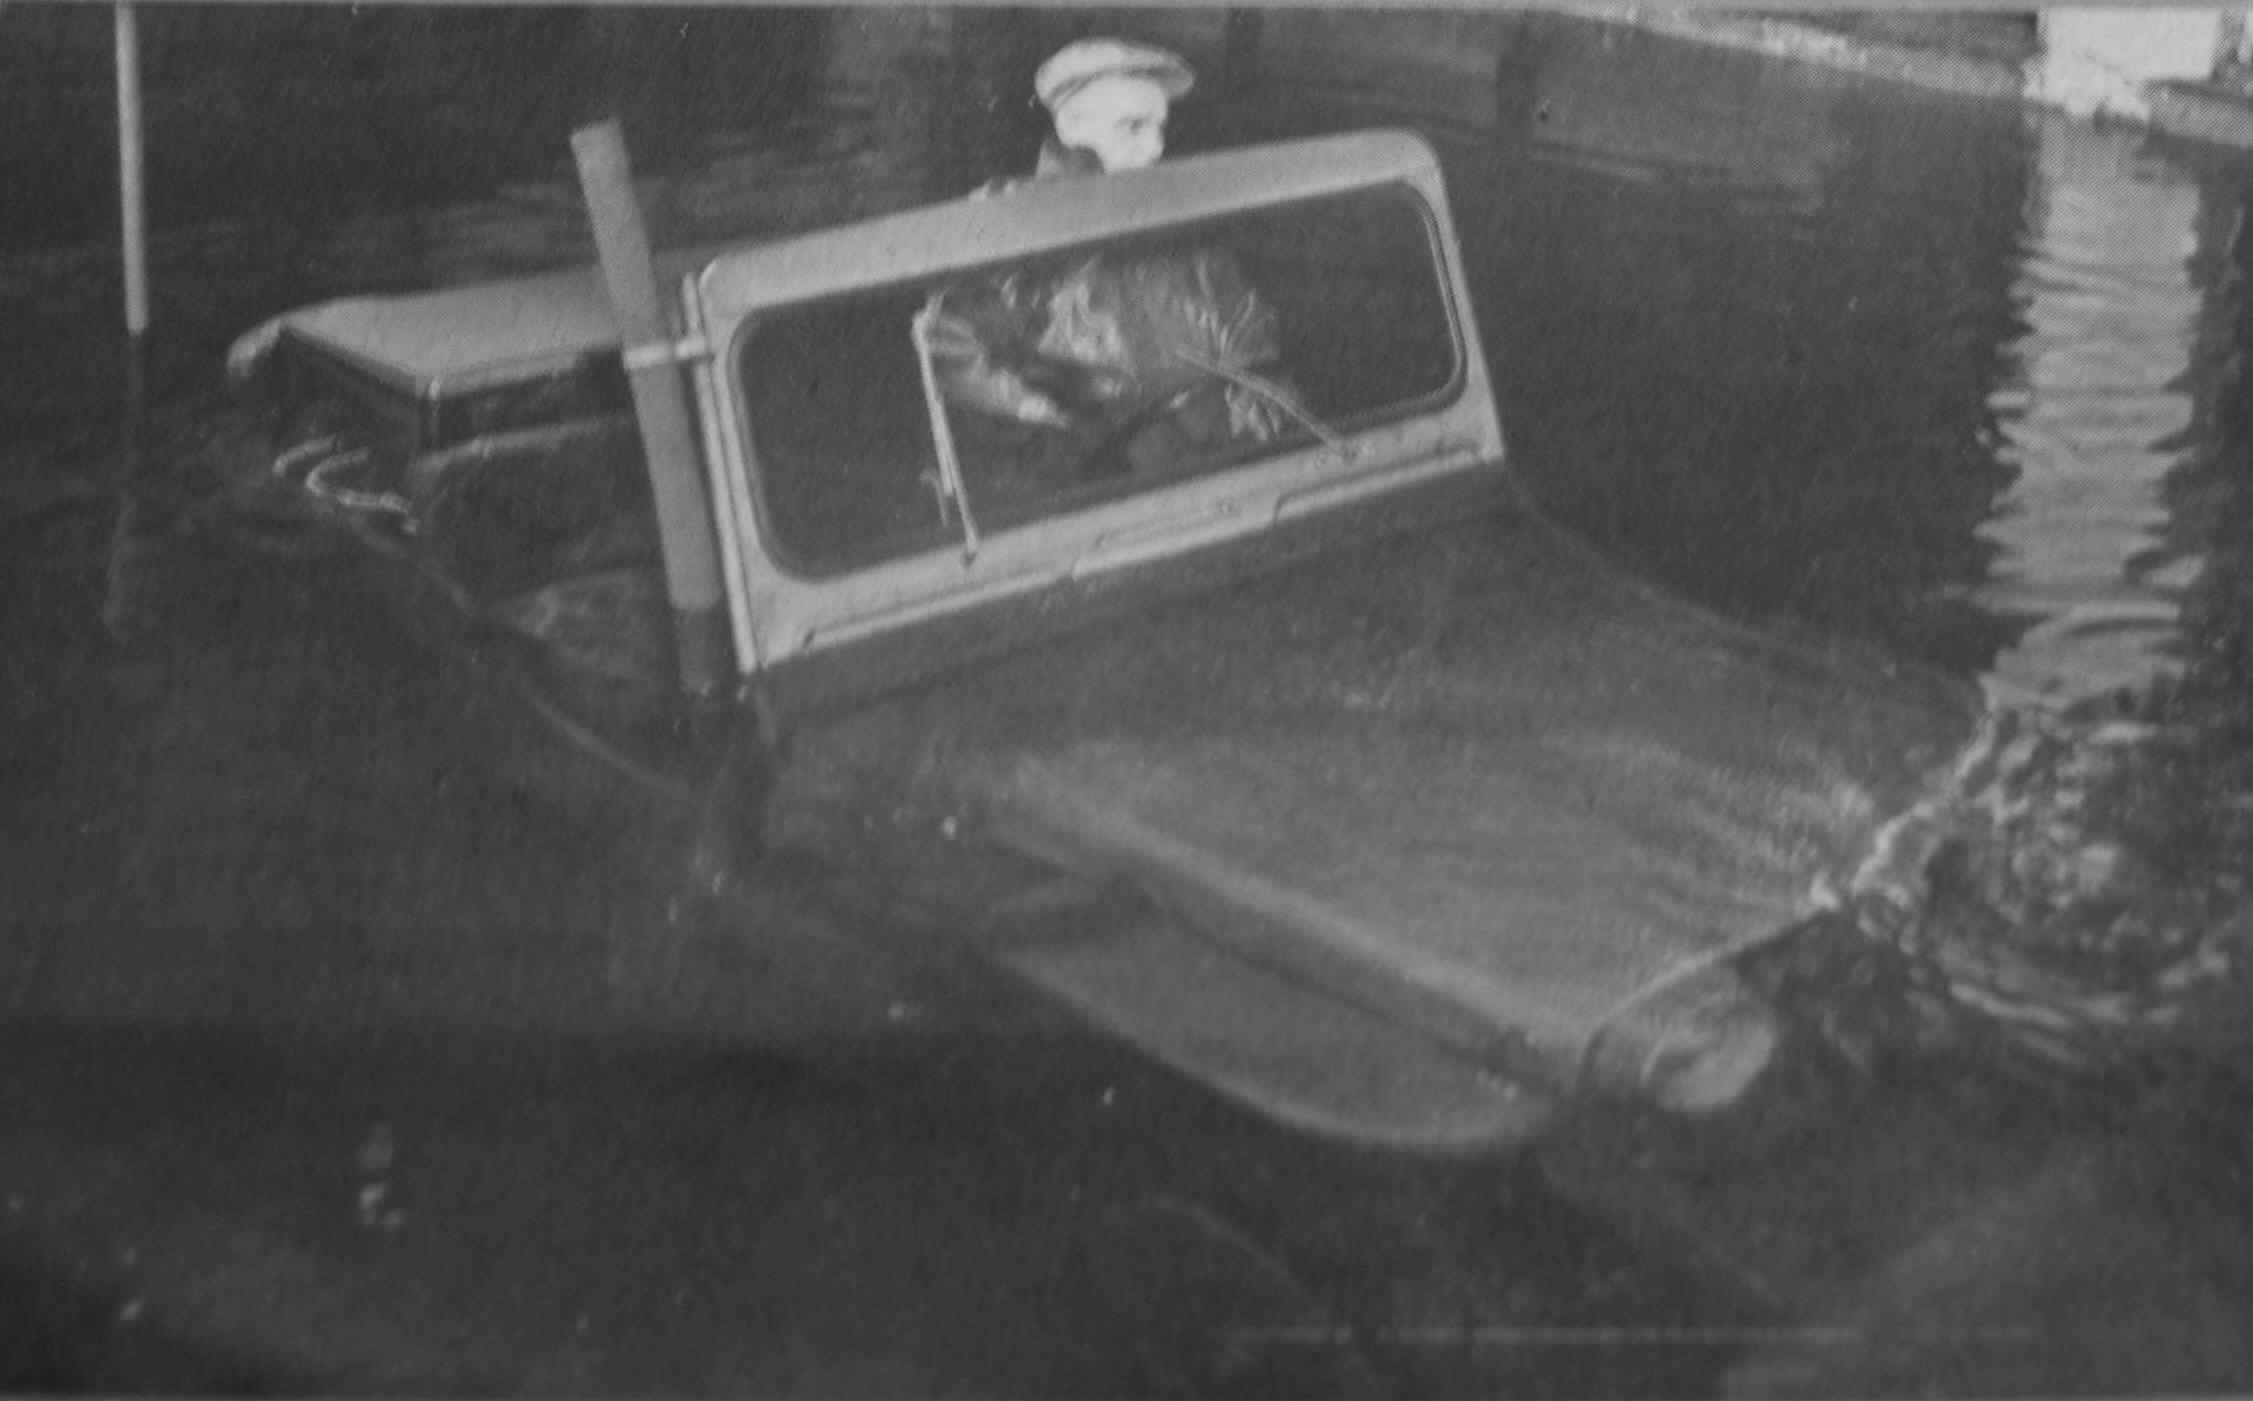 V-35 no tanque de teste